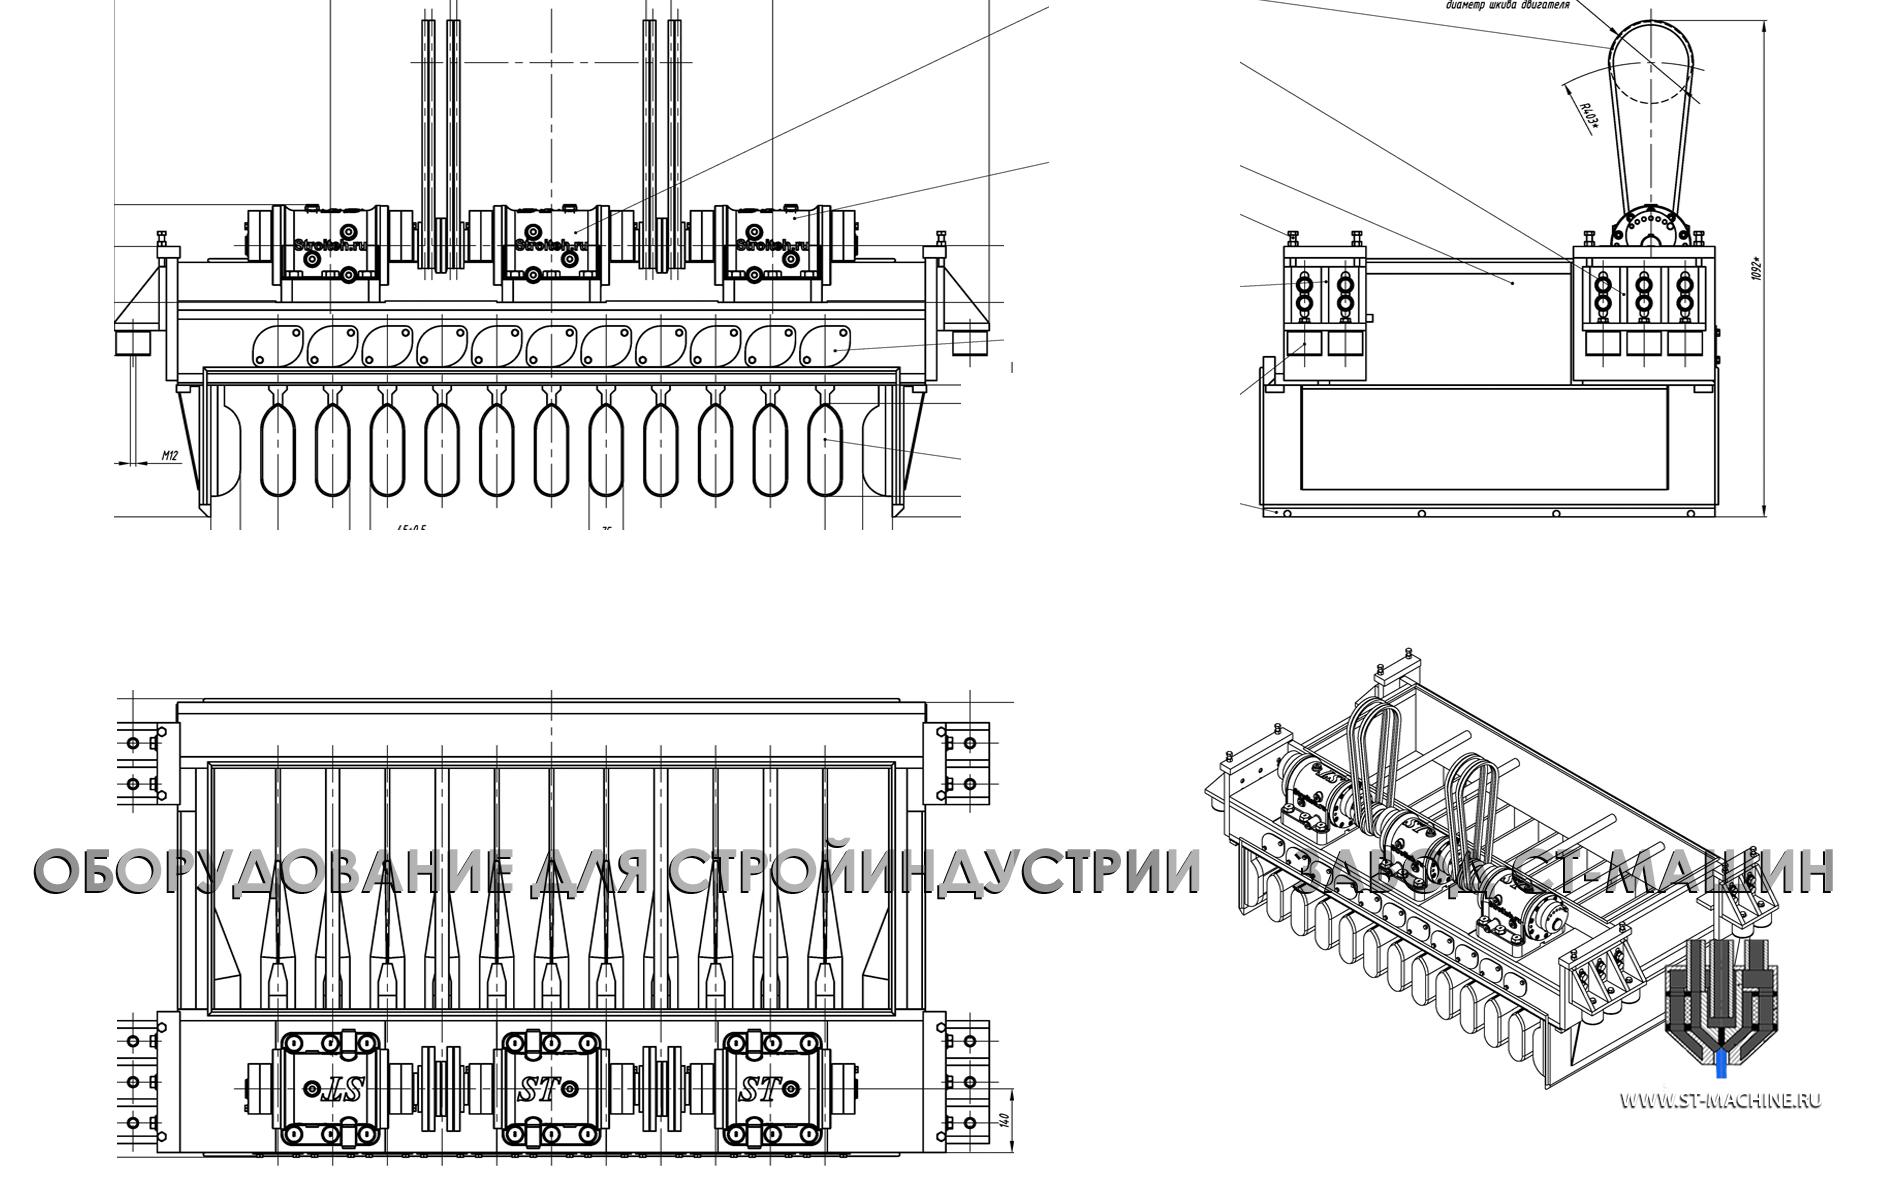 ст-машин-чертеж-разработка-производство-высокочастотные-вибраторы-st.jpg